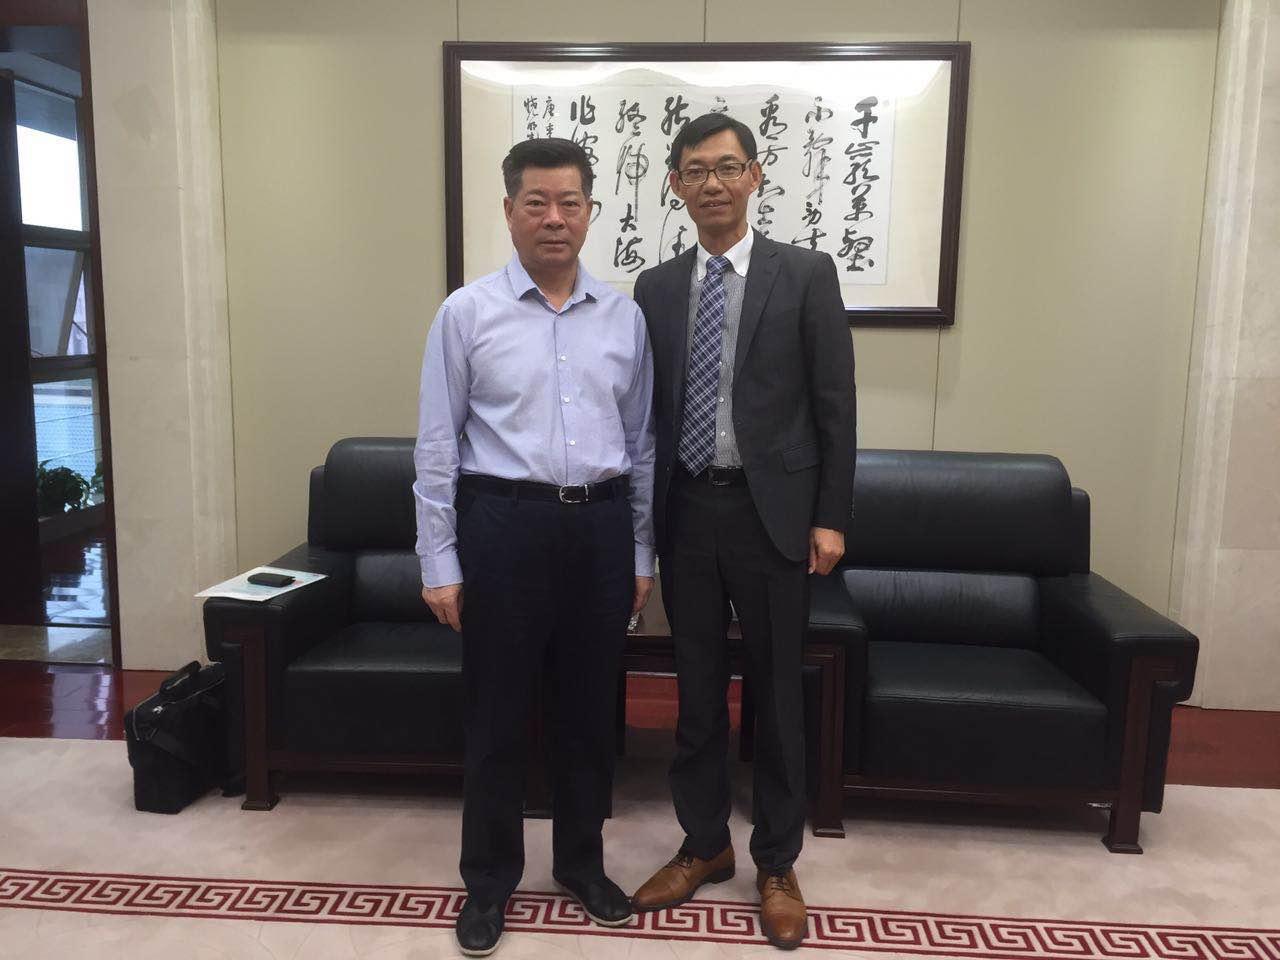 王豐明会长与省委常委统战部部长蔡晓明合影留念